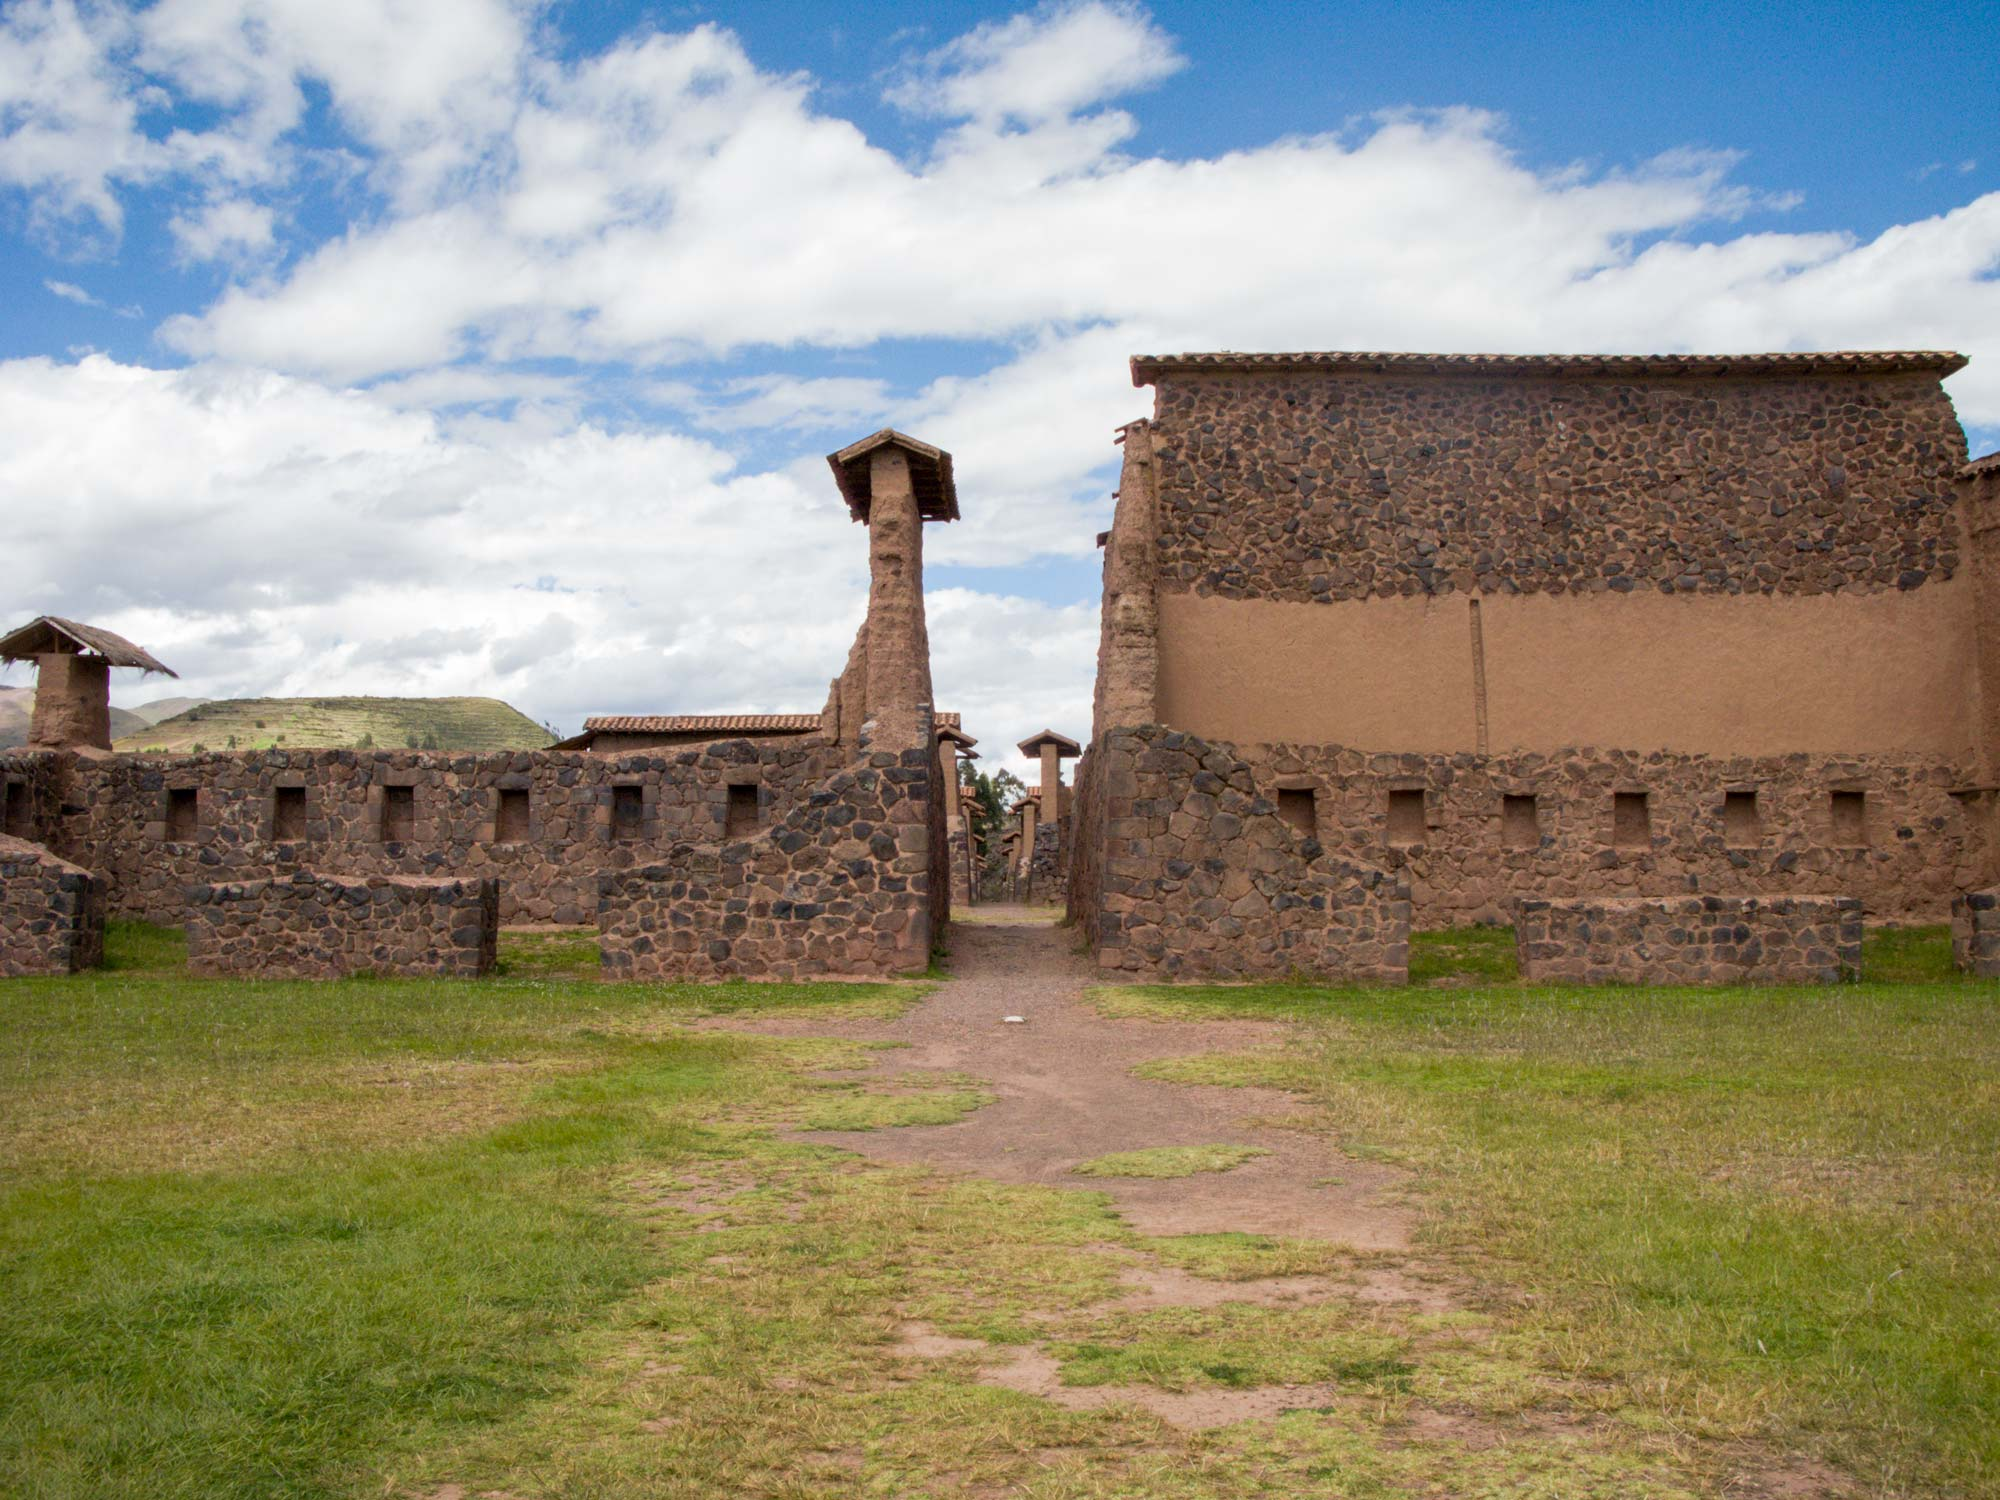 Peru Puno Cusco raqchi wiraqocha temple ruins